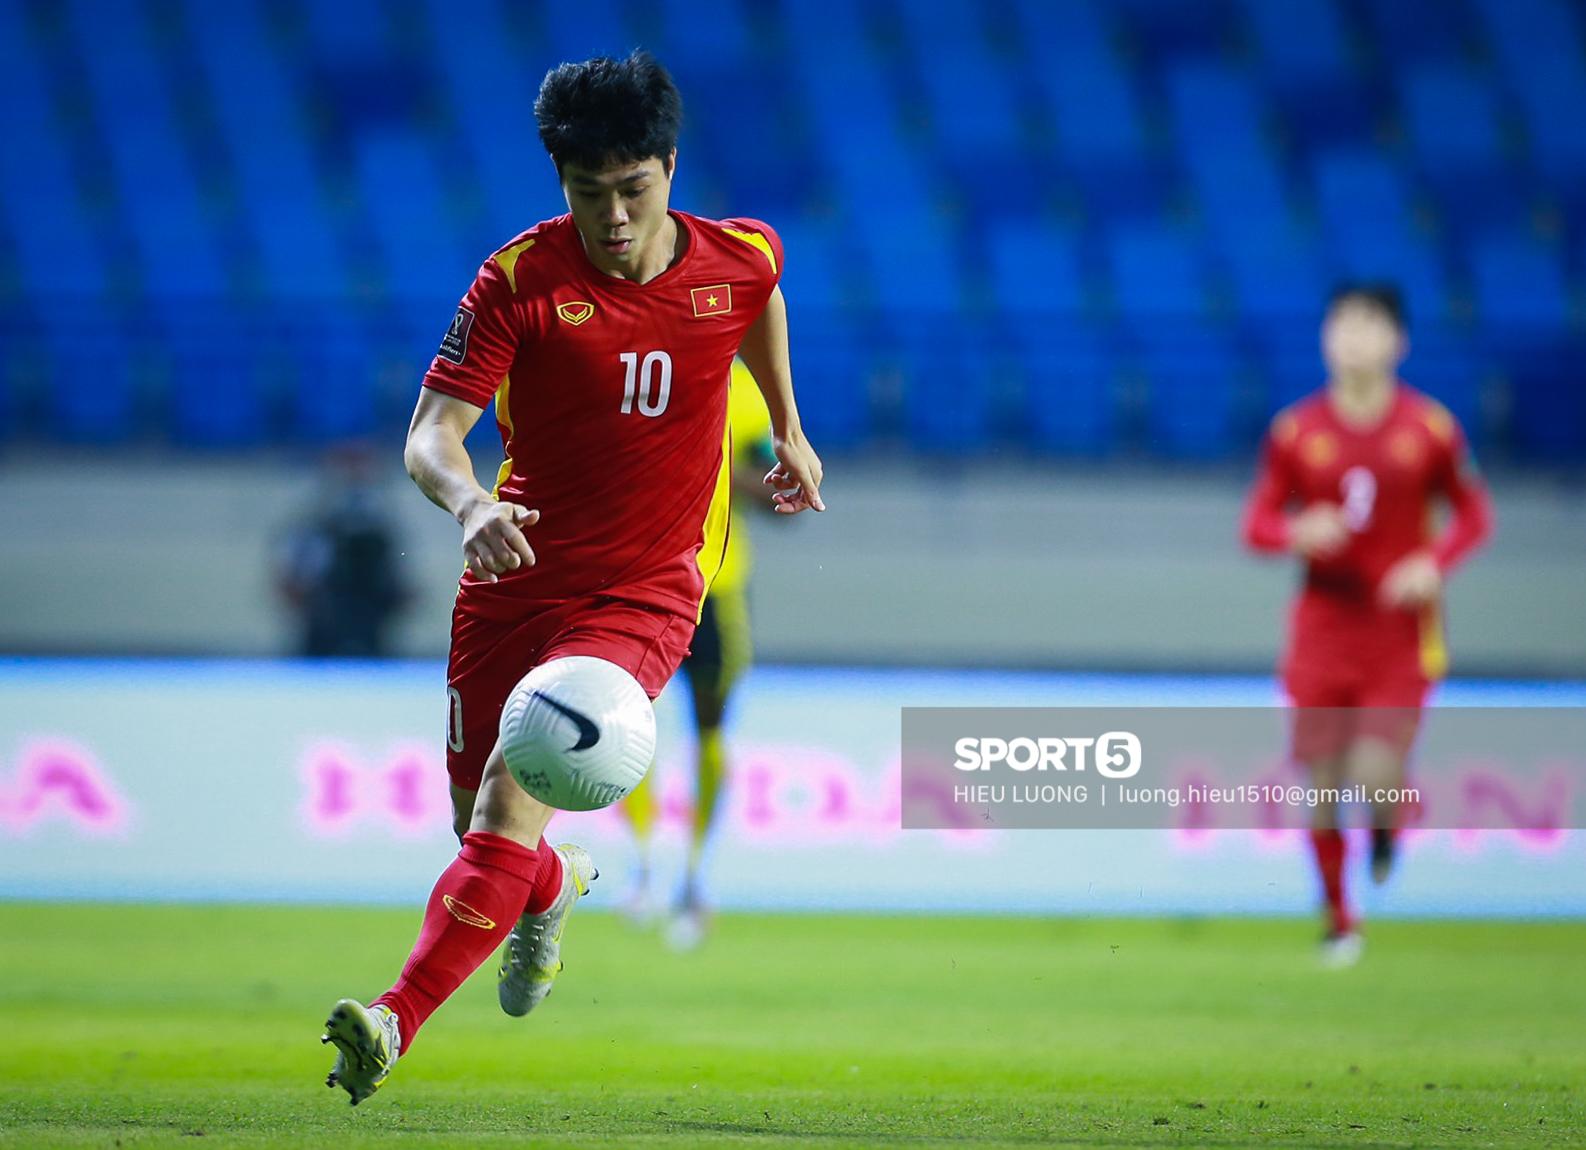 Chùm ảnh tuyển Việt Nam hân hoan với niềm vui chiến thắng Malaysia - ảnh 6